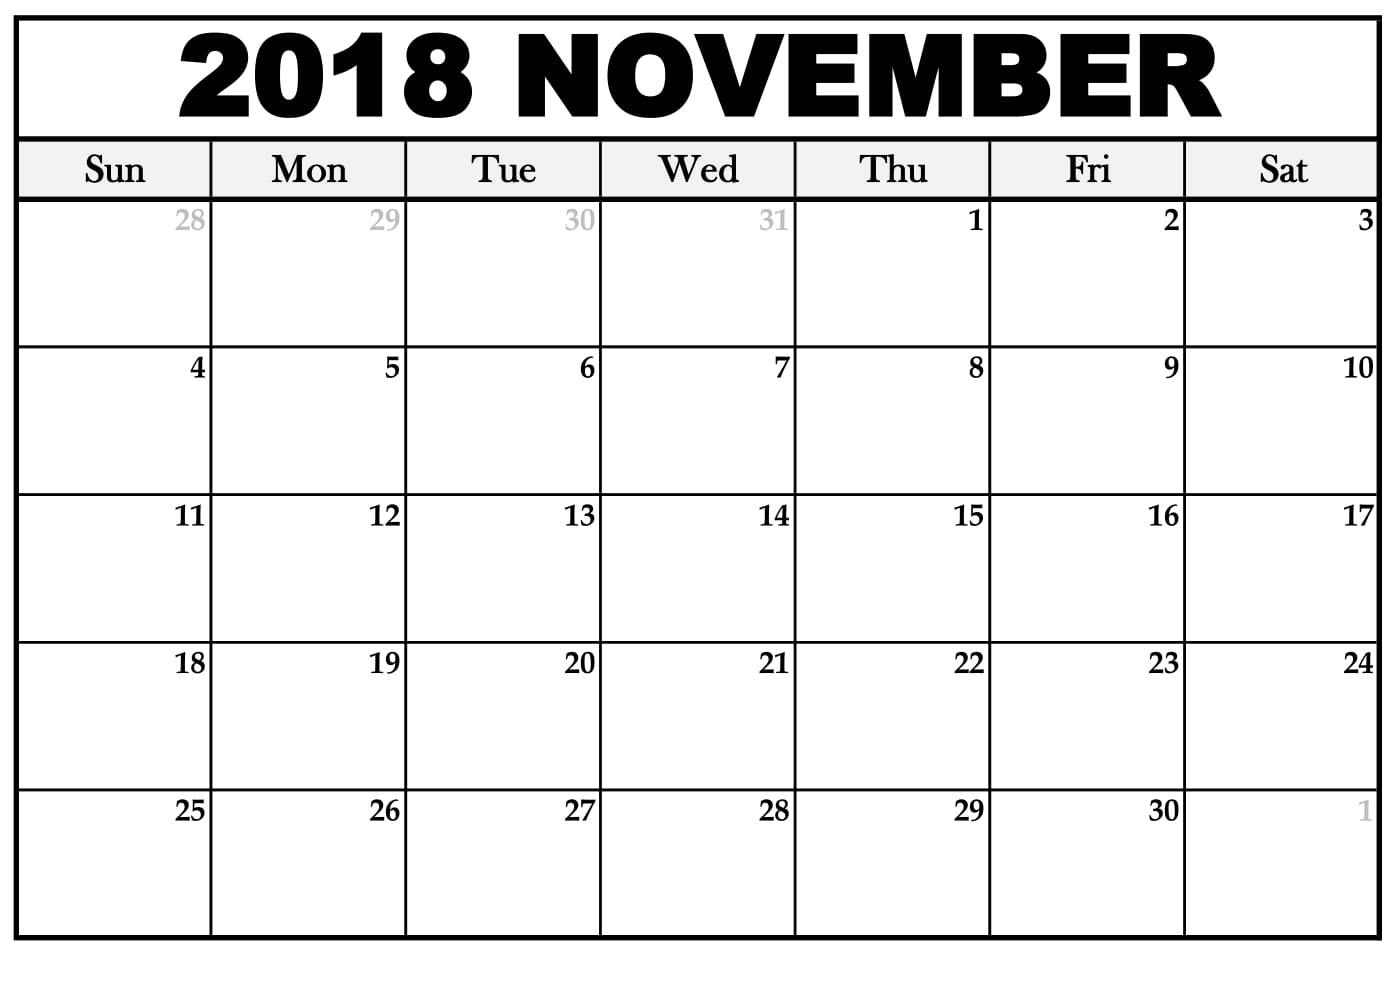 november 2018 calendar excel printable calendar templates 2018 November 2018 Excel Calendar erdferdf